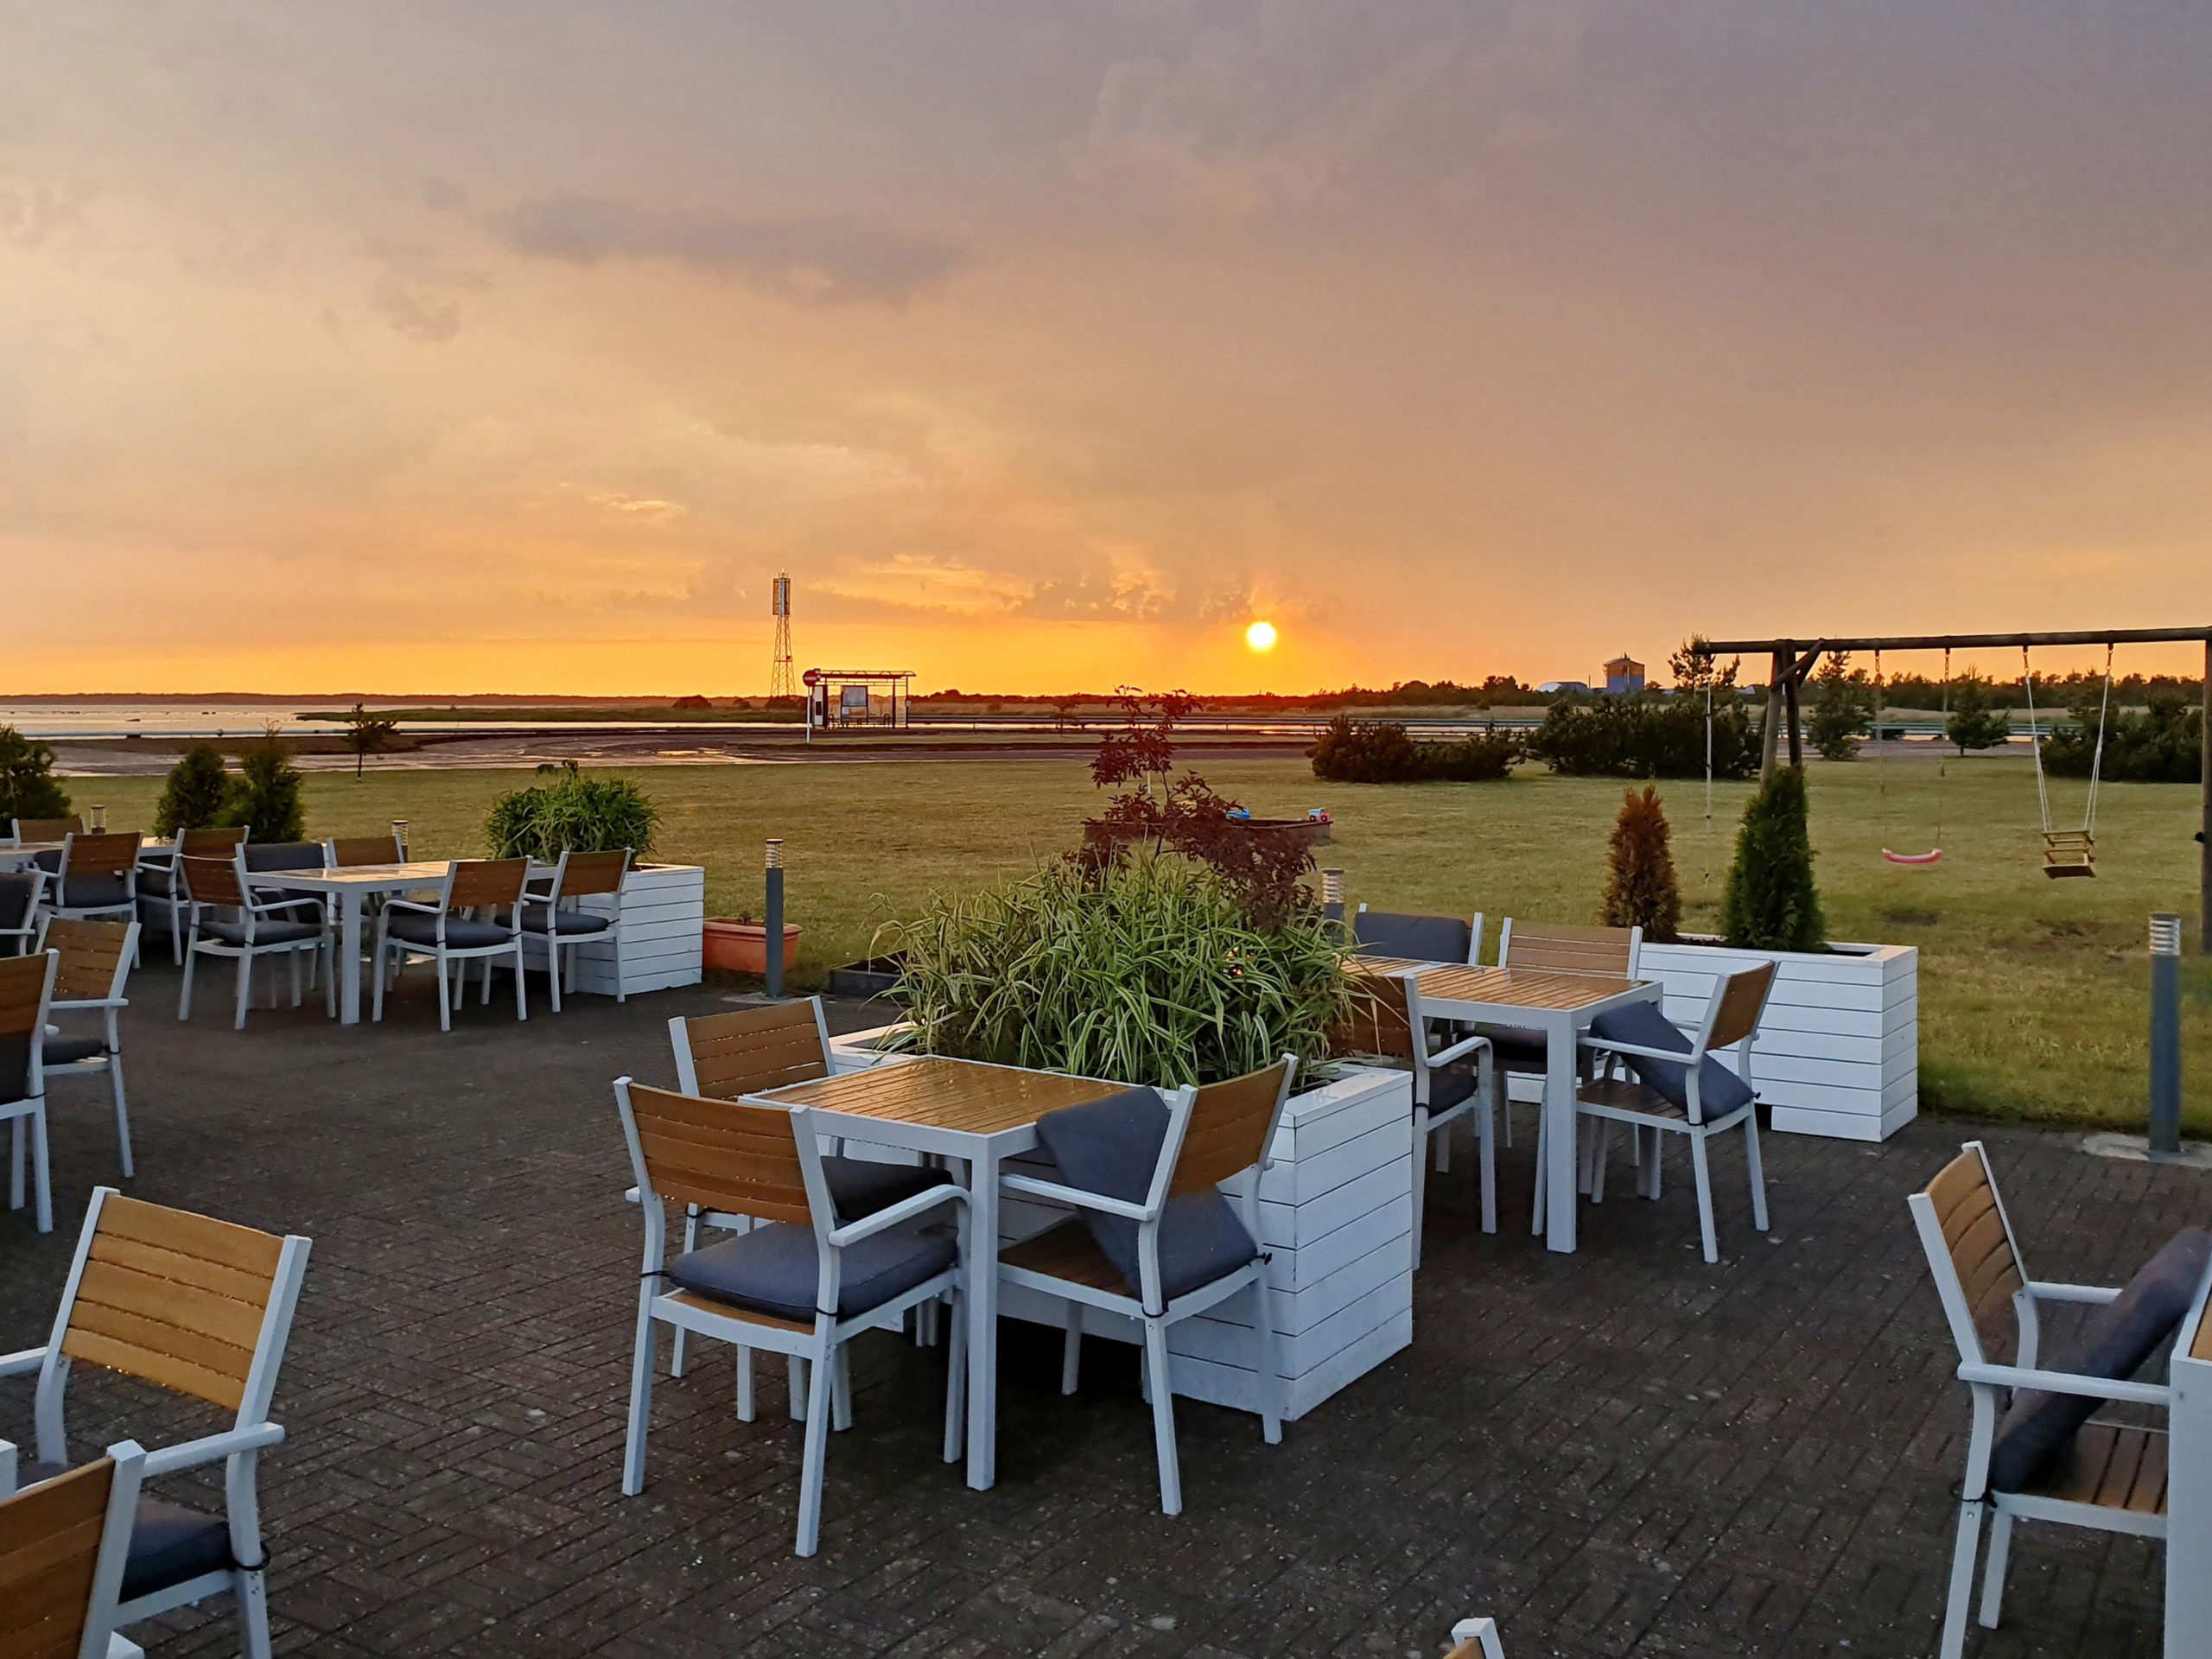 Päikeseloojang Roomassaare kohvikus